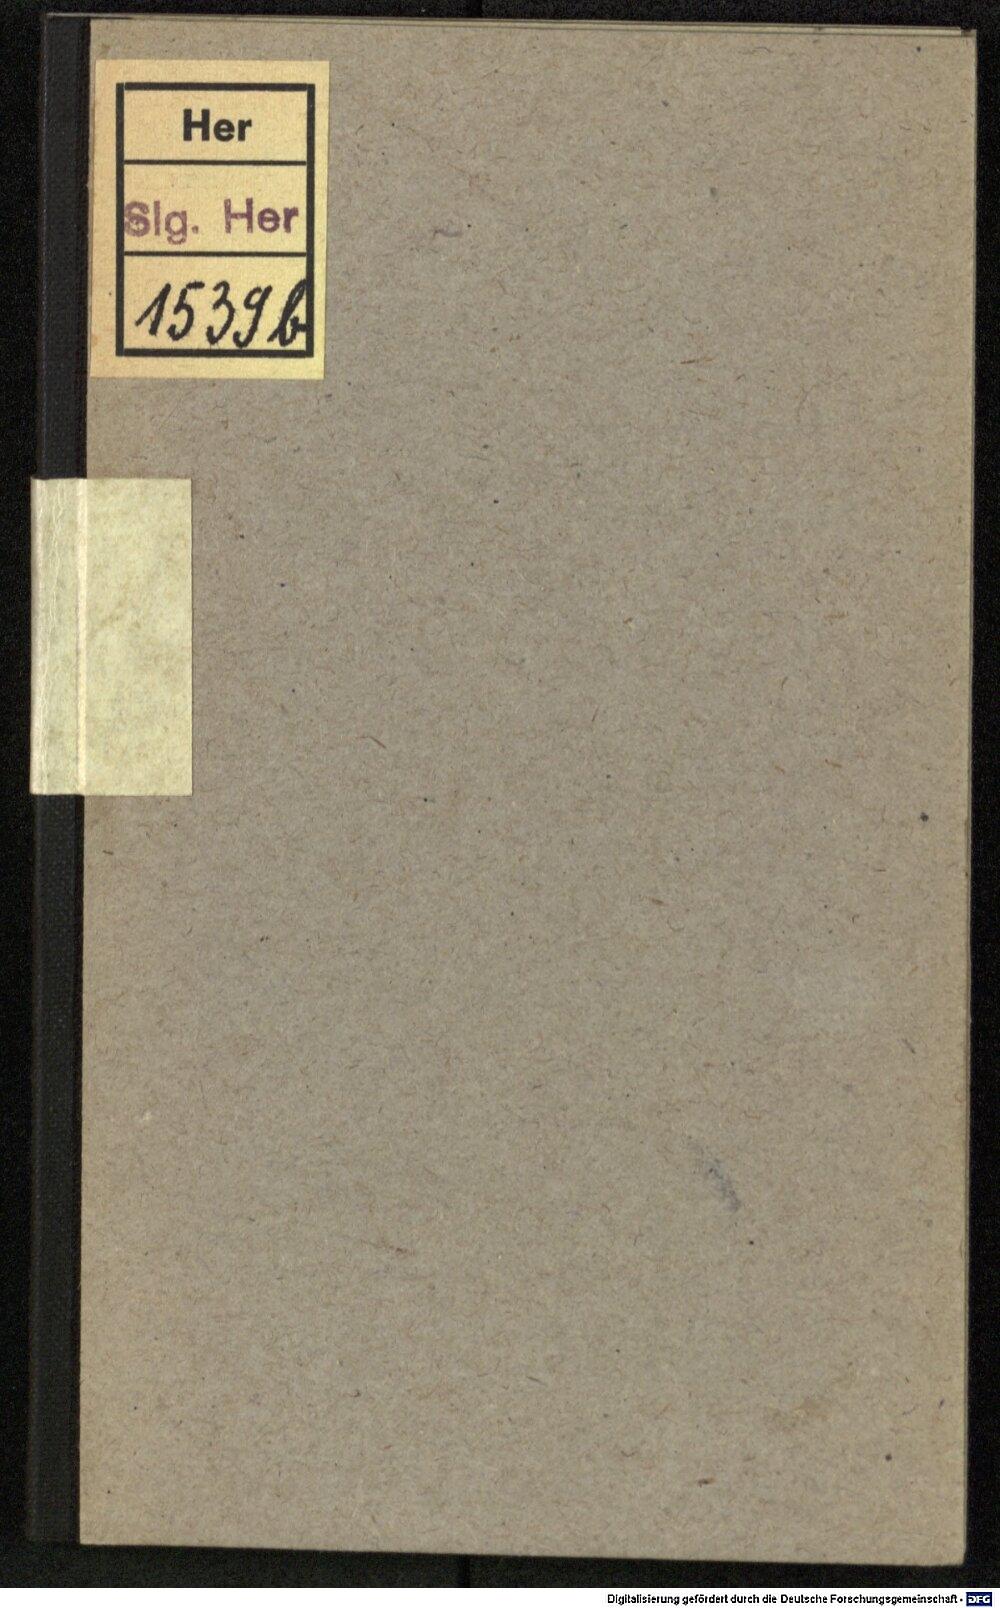 bsb00052879_00001.jpg